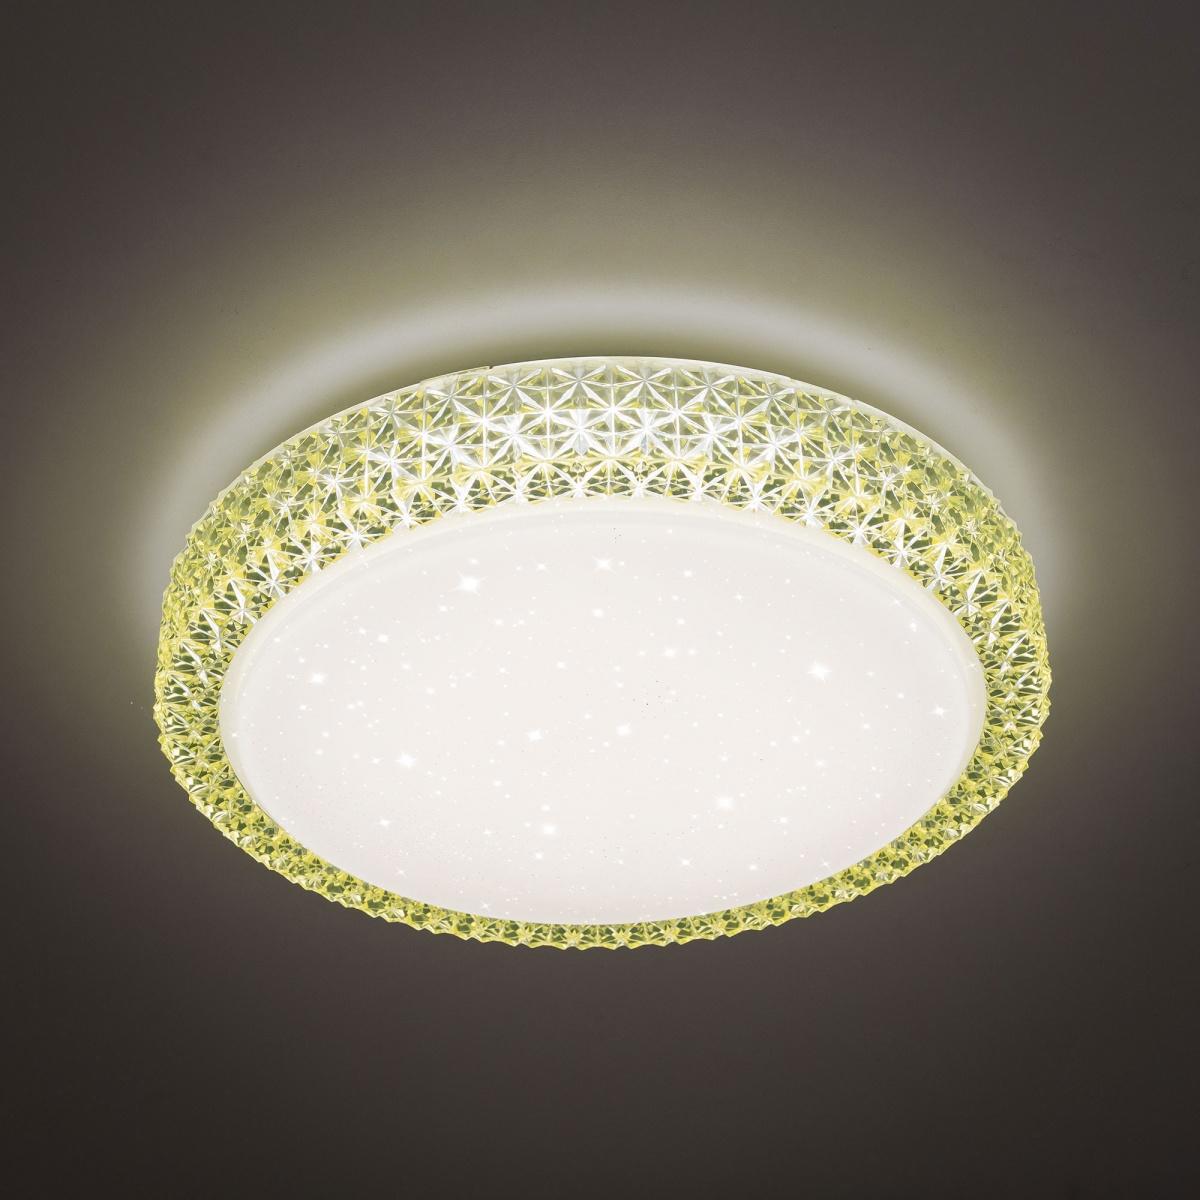 CITILUX CL705022 Потолочный светильник КРИСТАЛИНО 30x1W LED 3000K желтый